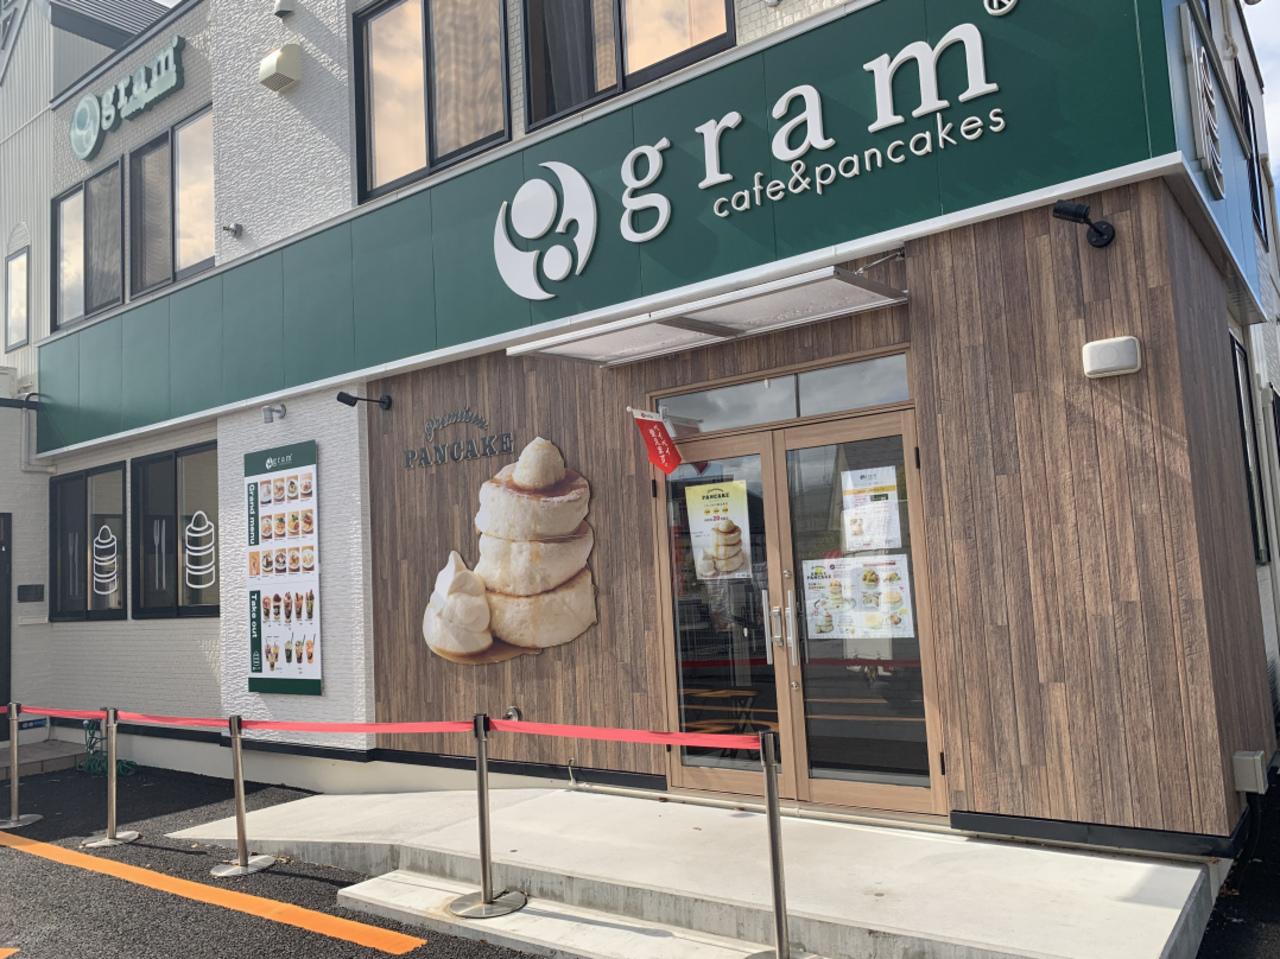 パンケーキ専門店 【gram八戸店】19年11月30日 閉店へ